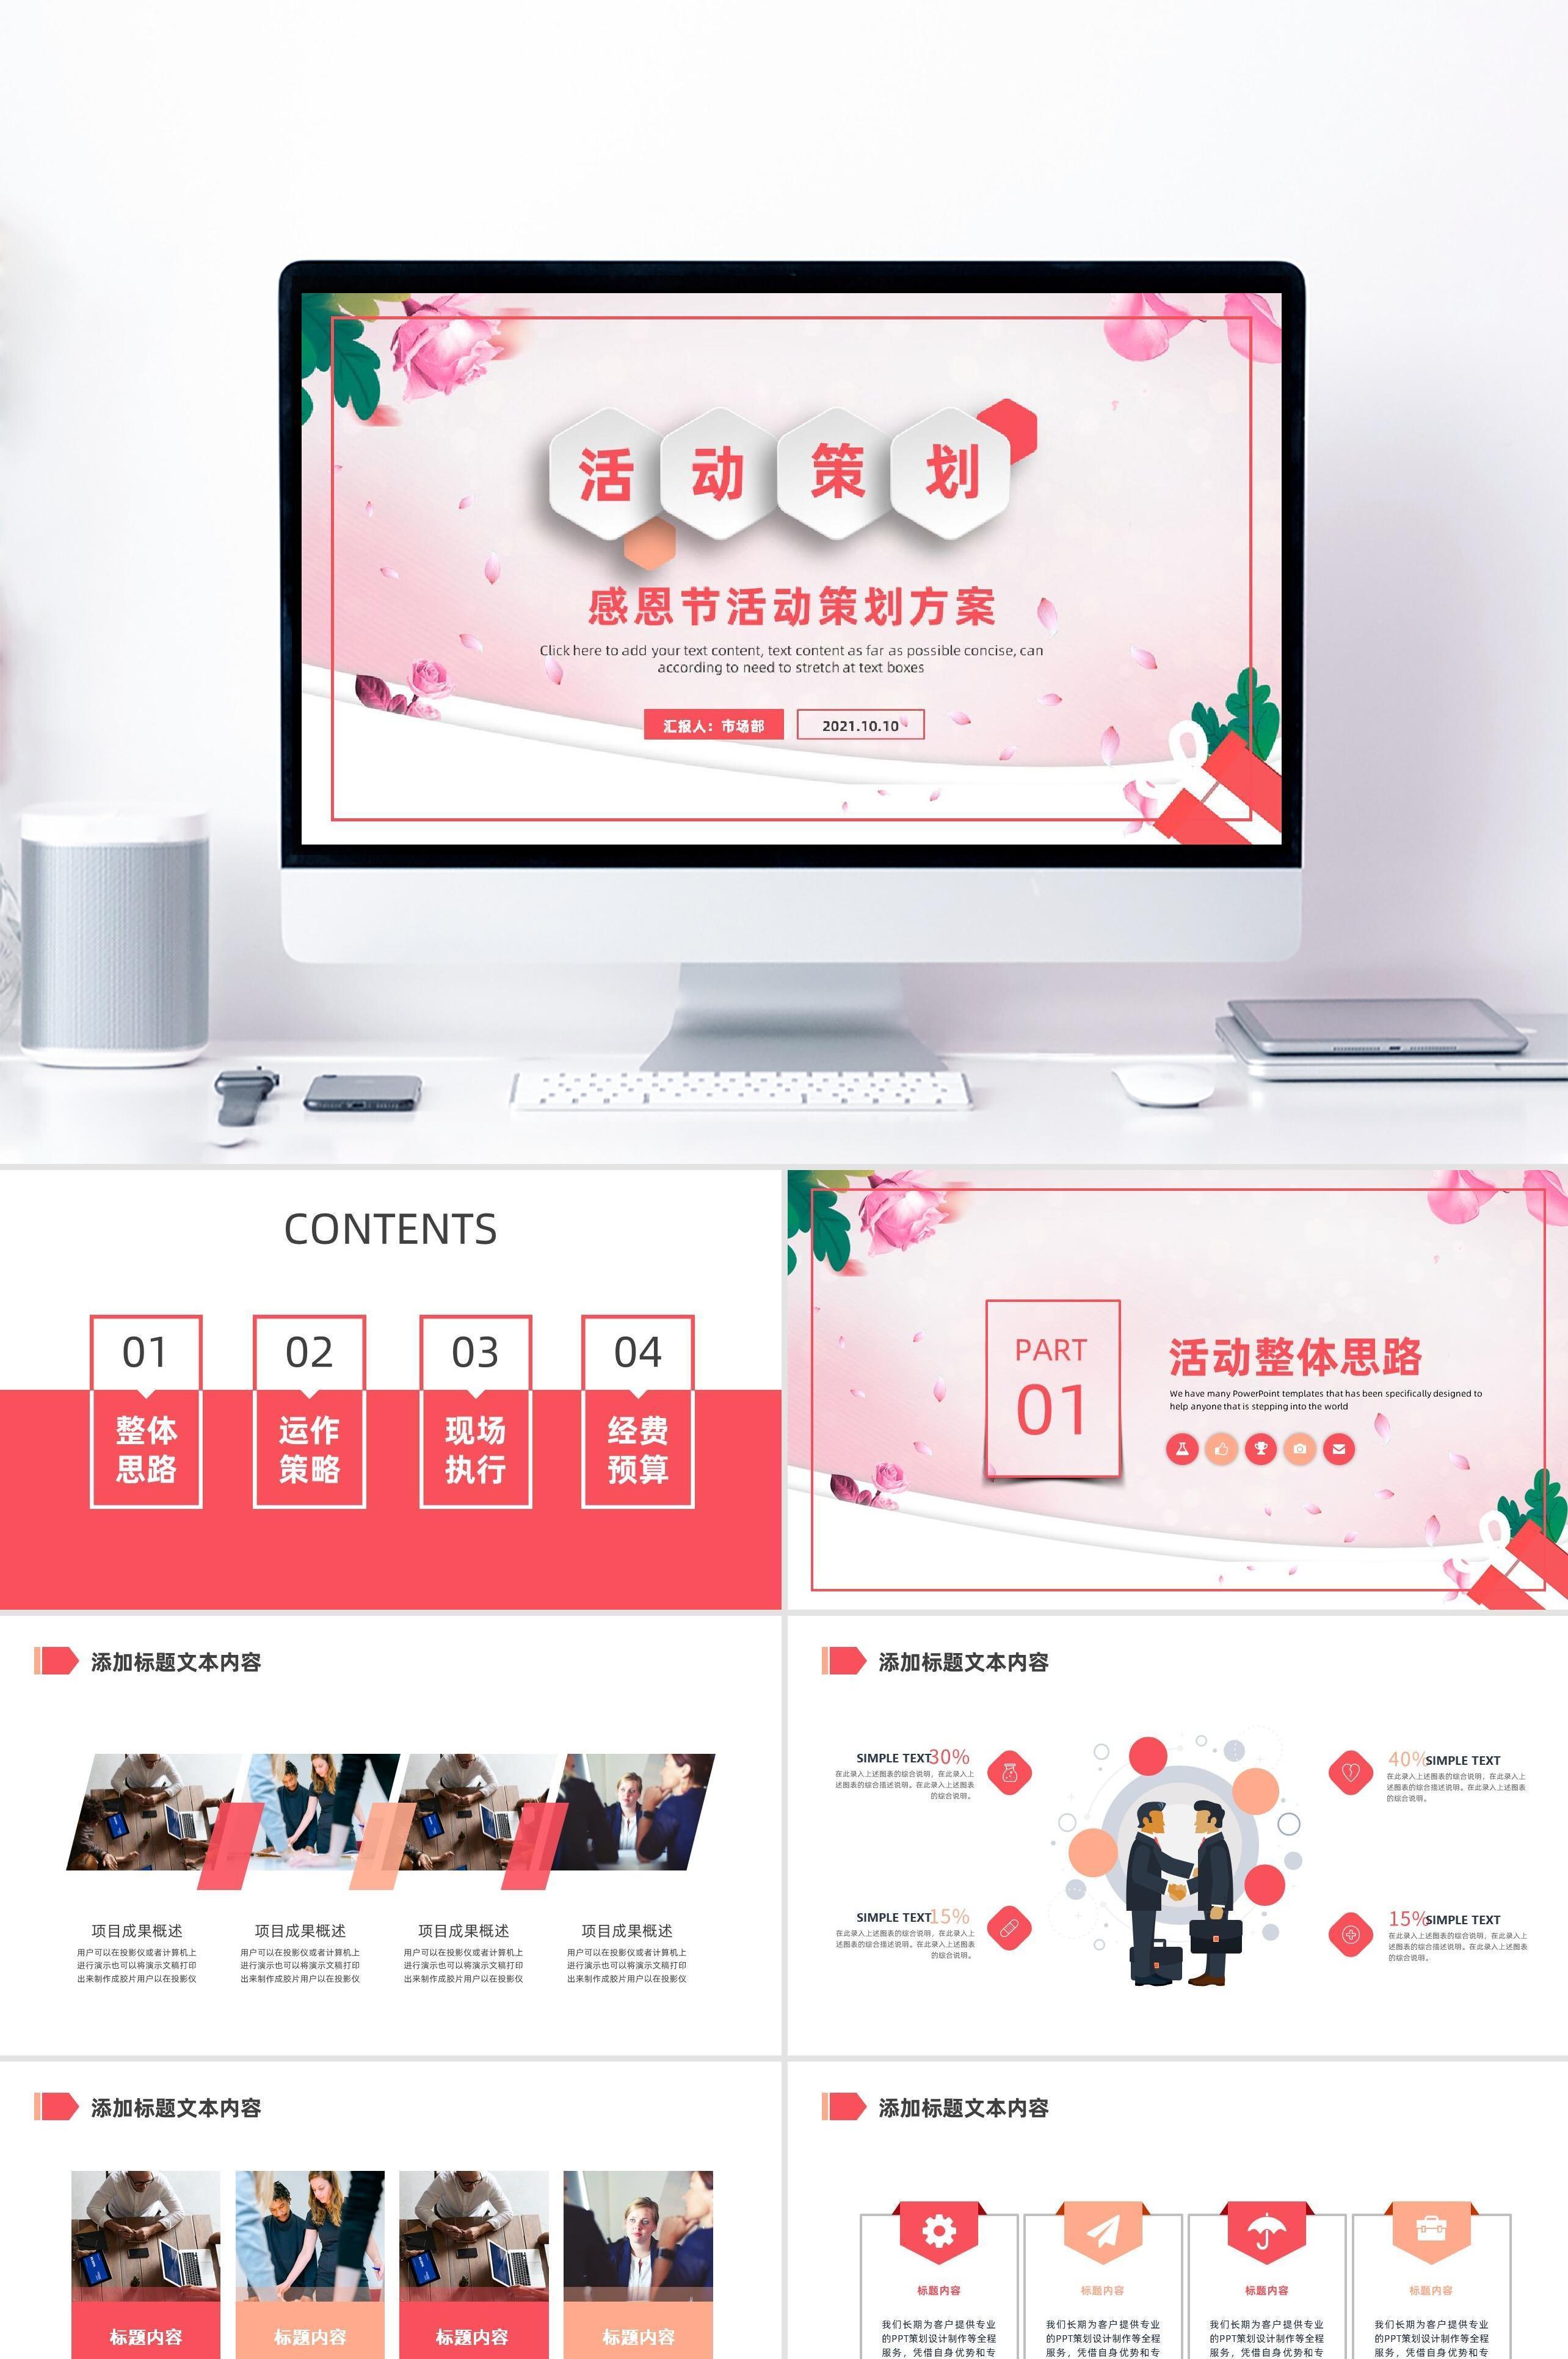 粉红色时尚感恩节活动策划宣传PPT模板